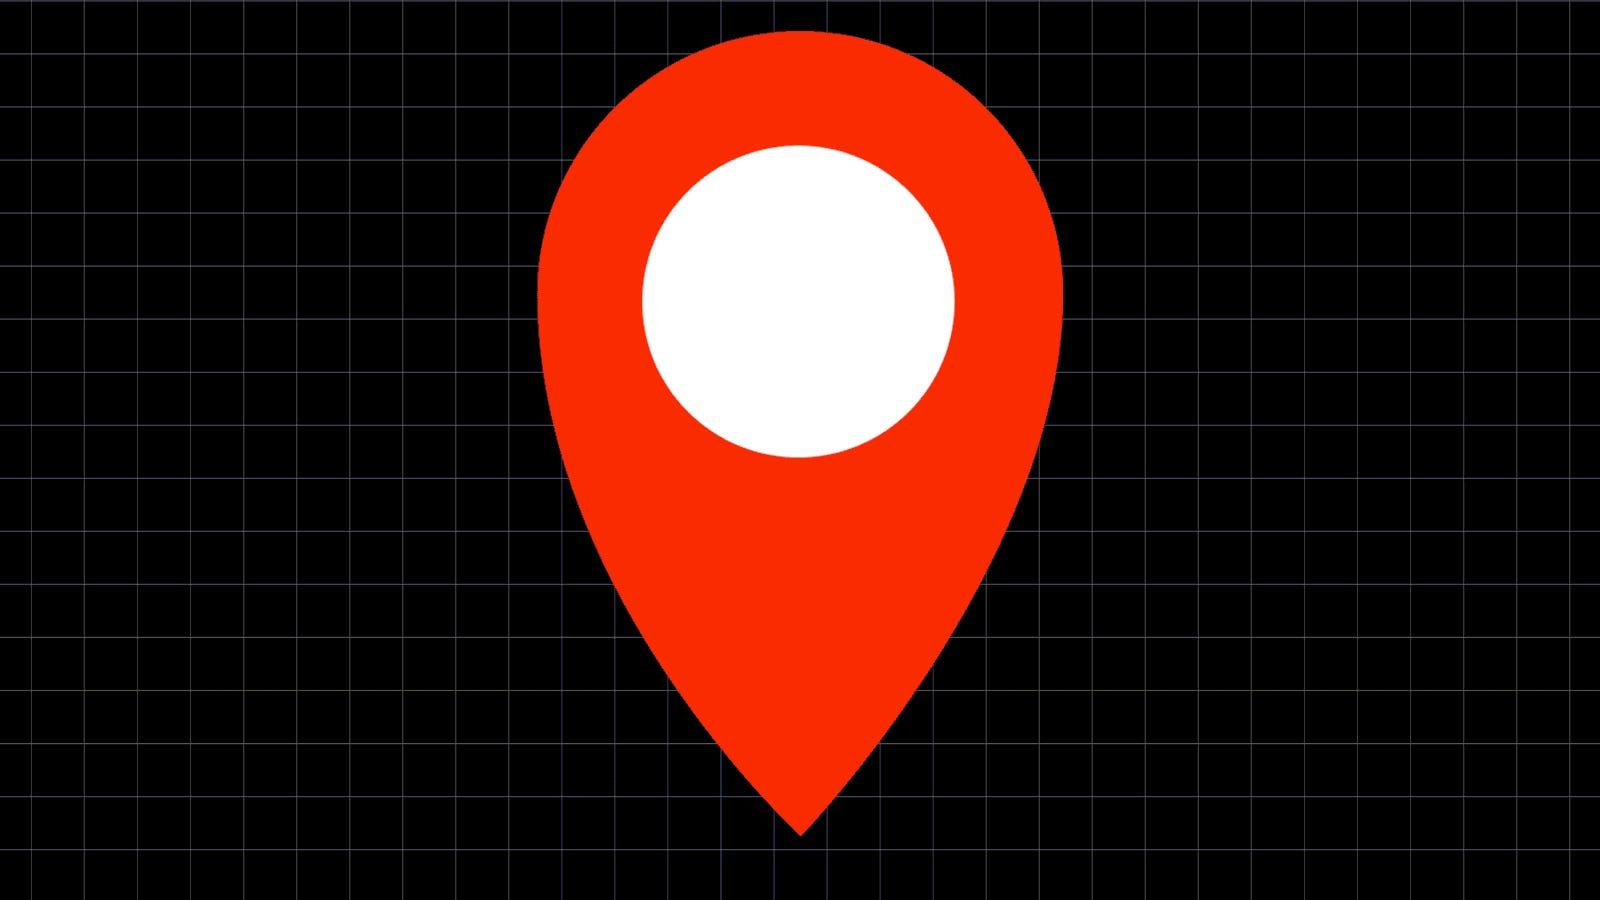 Bloquear una señal GPS es peligroso, ilegal, sencillo y muy barato